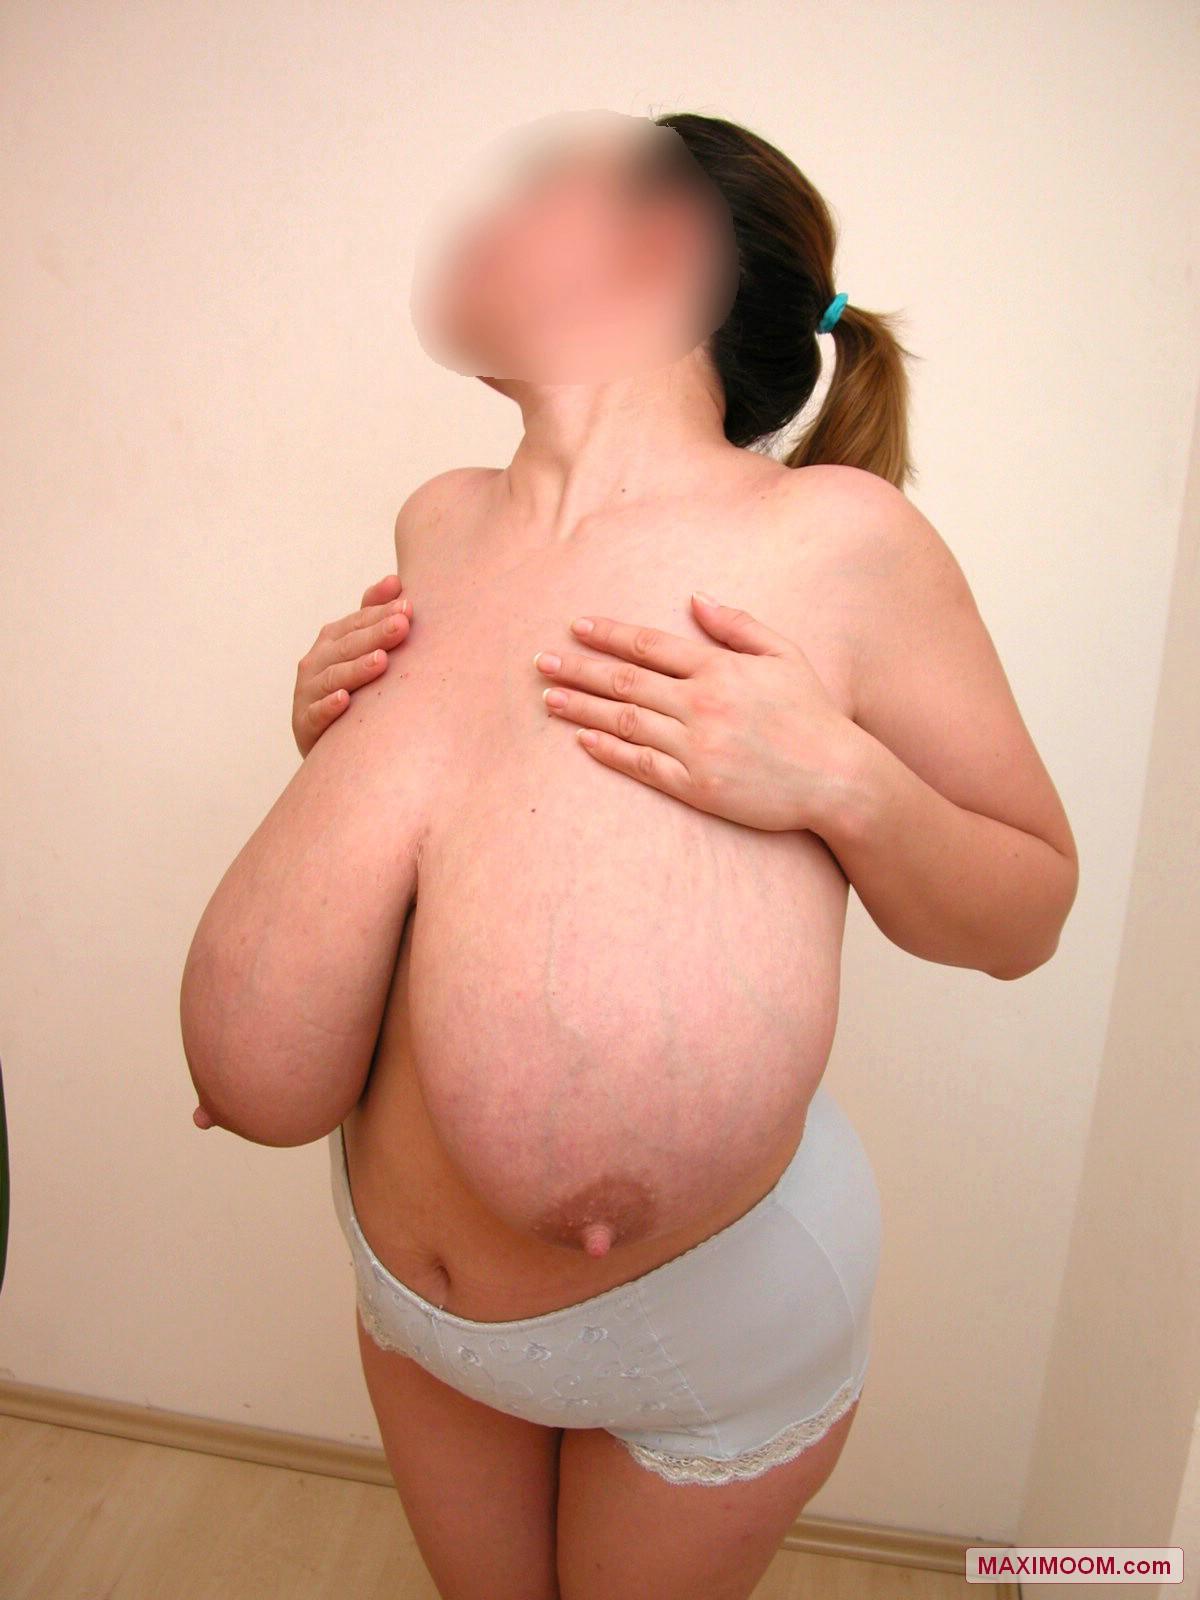 Super macromastia saggy big boobs russian milk 5